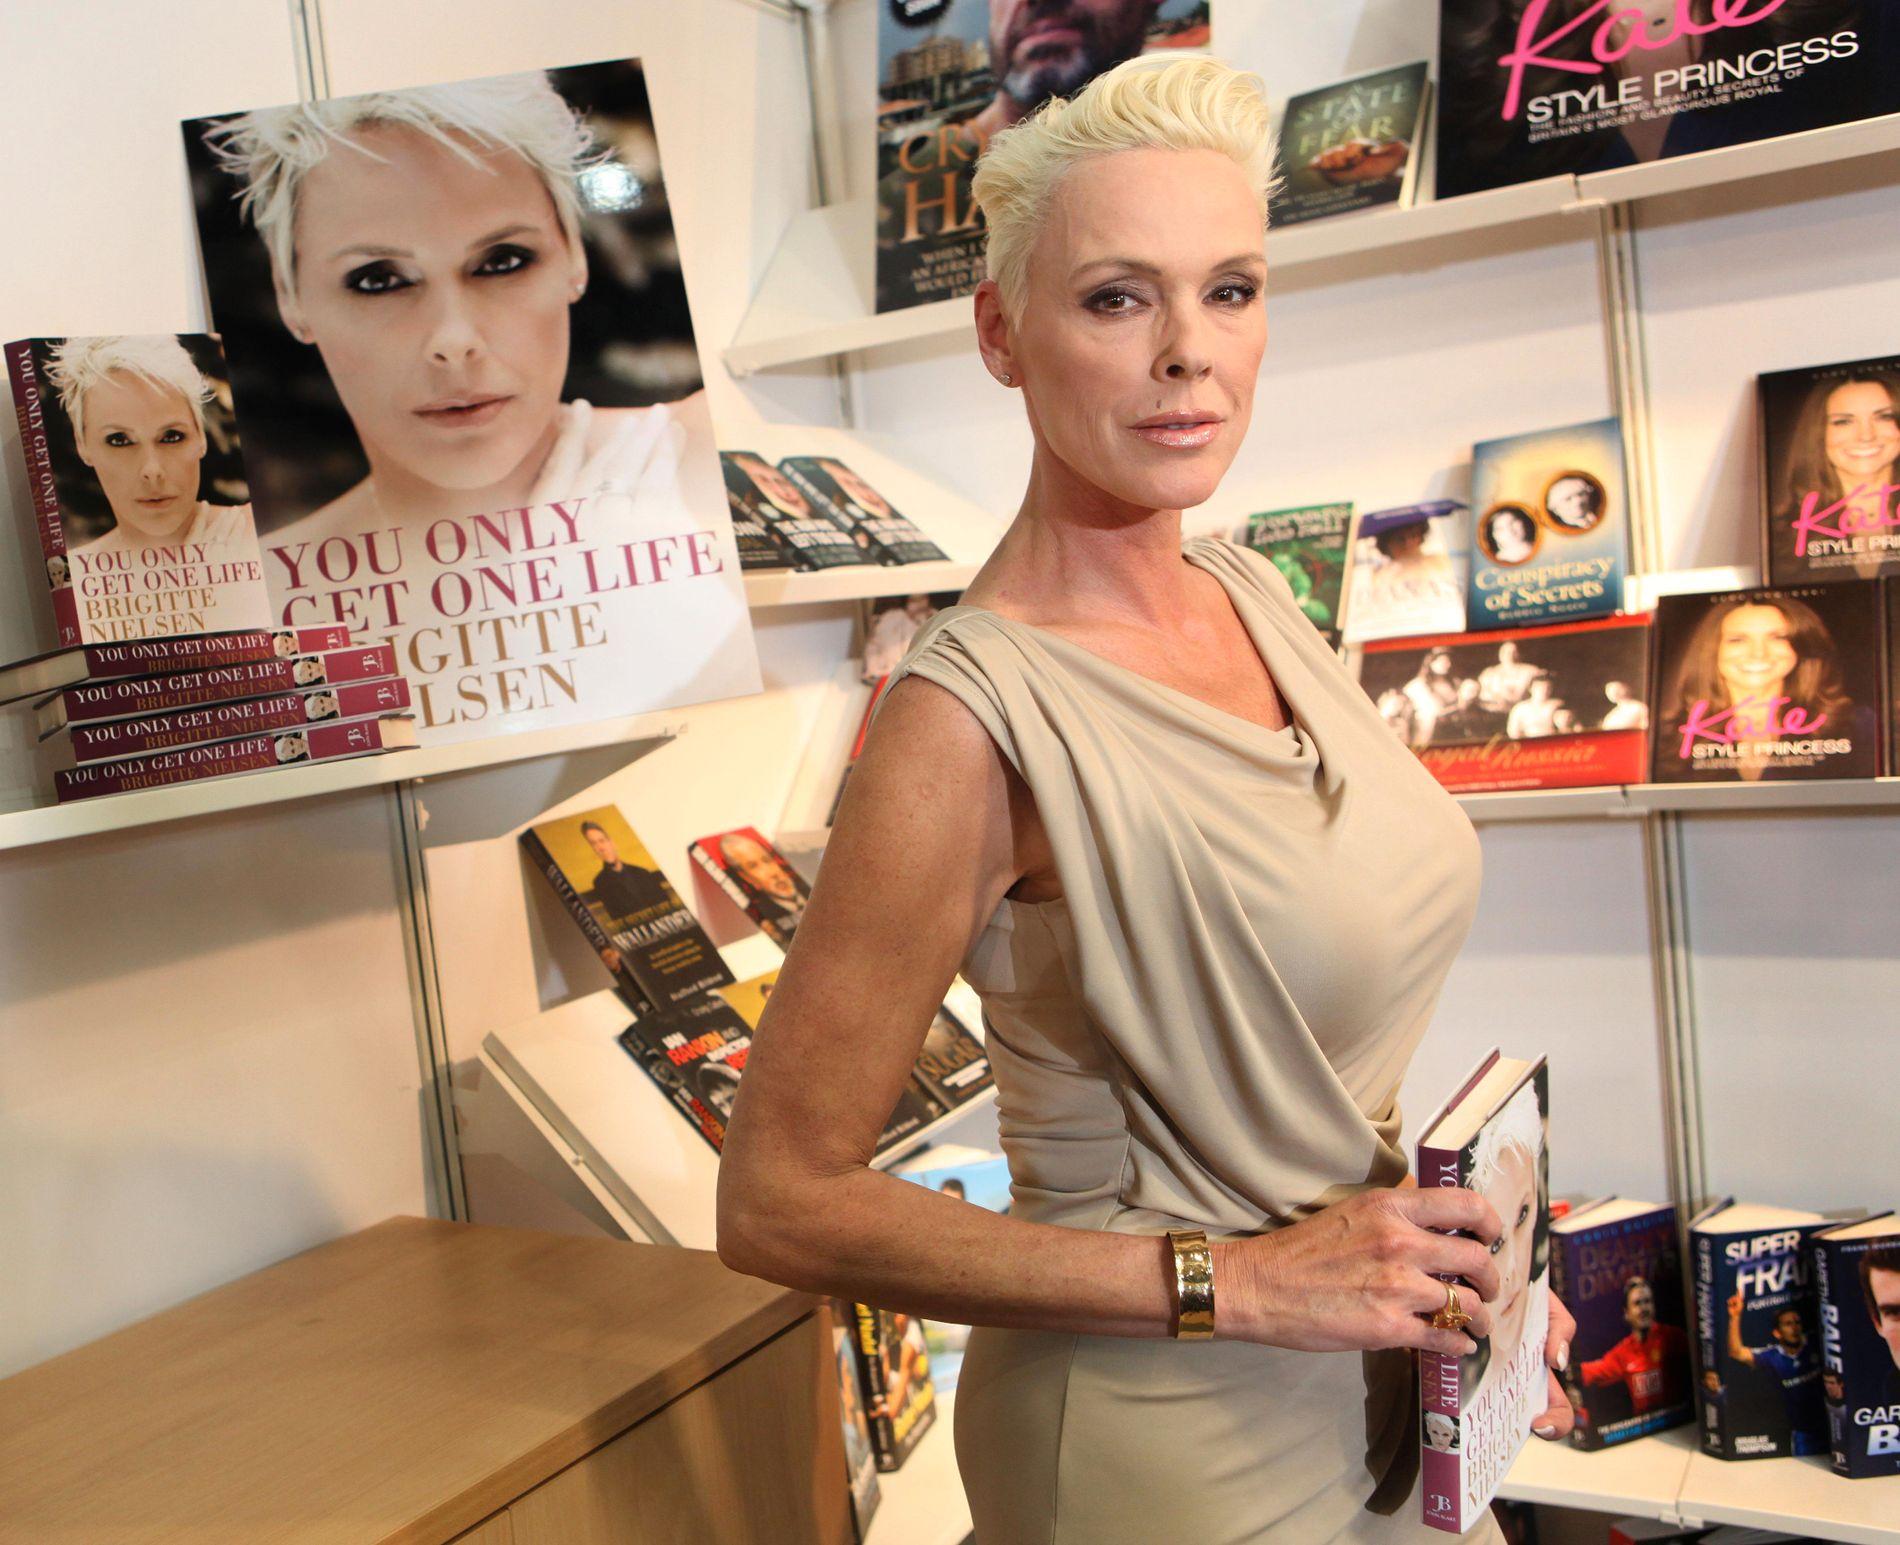 SNAKKER UT: Den danske skuespilleren Brigitte Nielsen har vært gift fem ganger, har like mange barn, men møtte motstand da den siste babyen kom til verden.